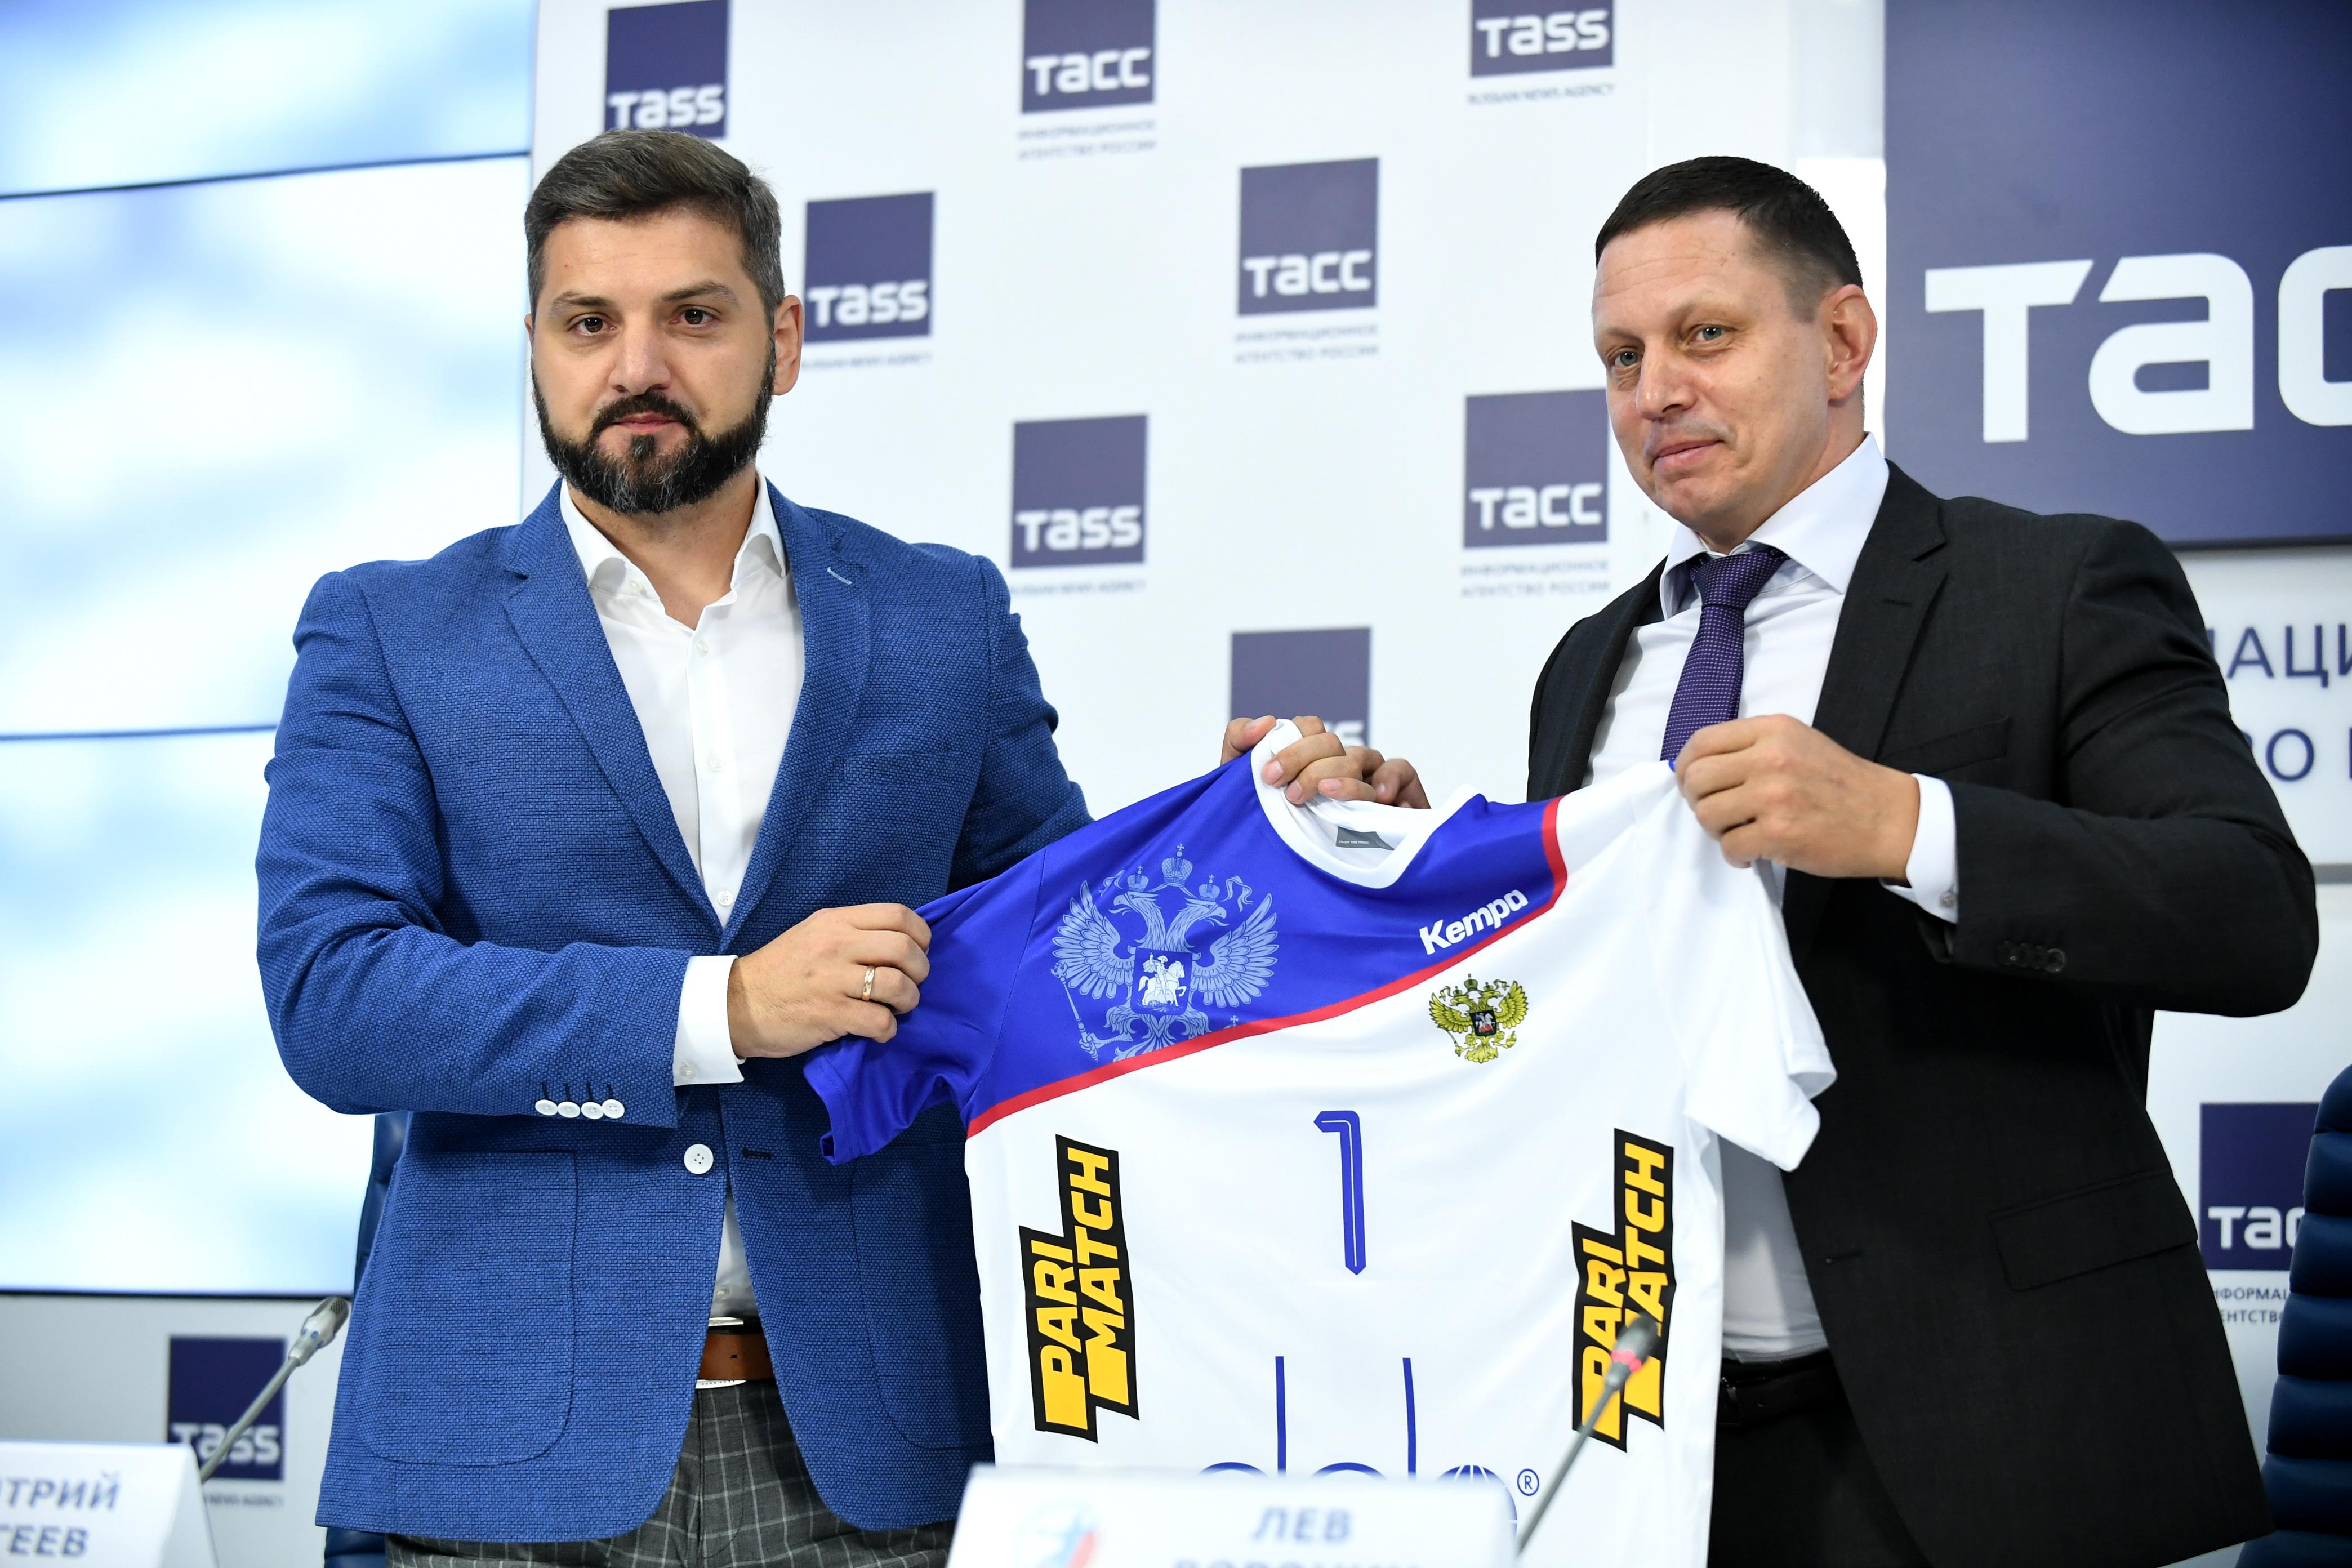 Париматч стал титульным партнером Федерации гандбола России